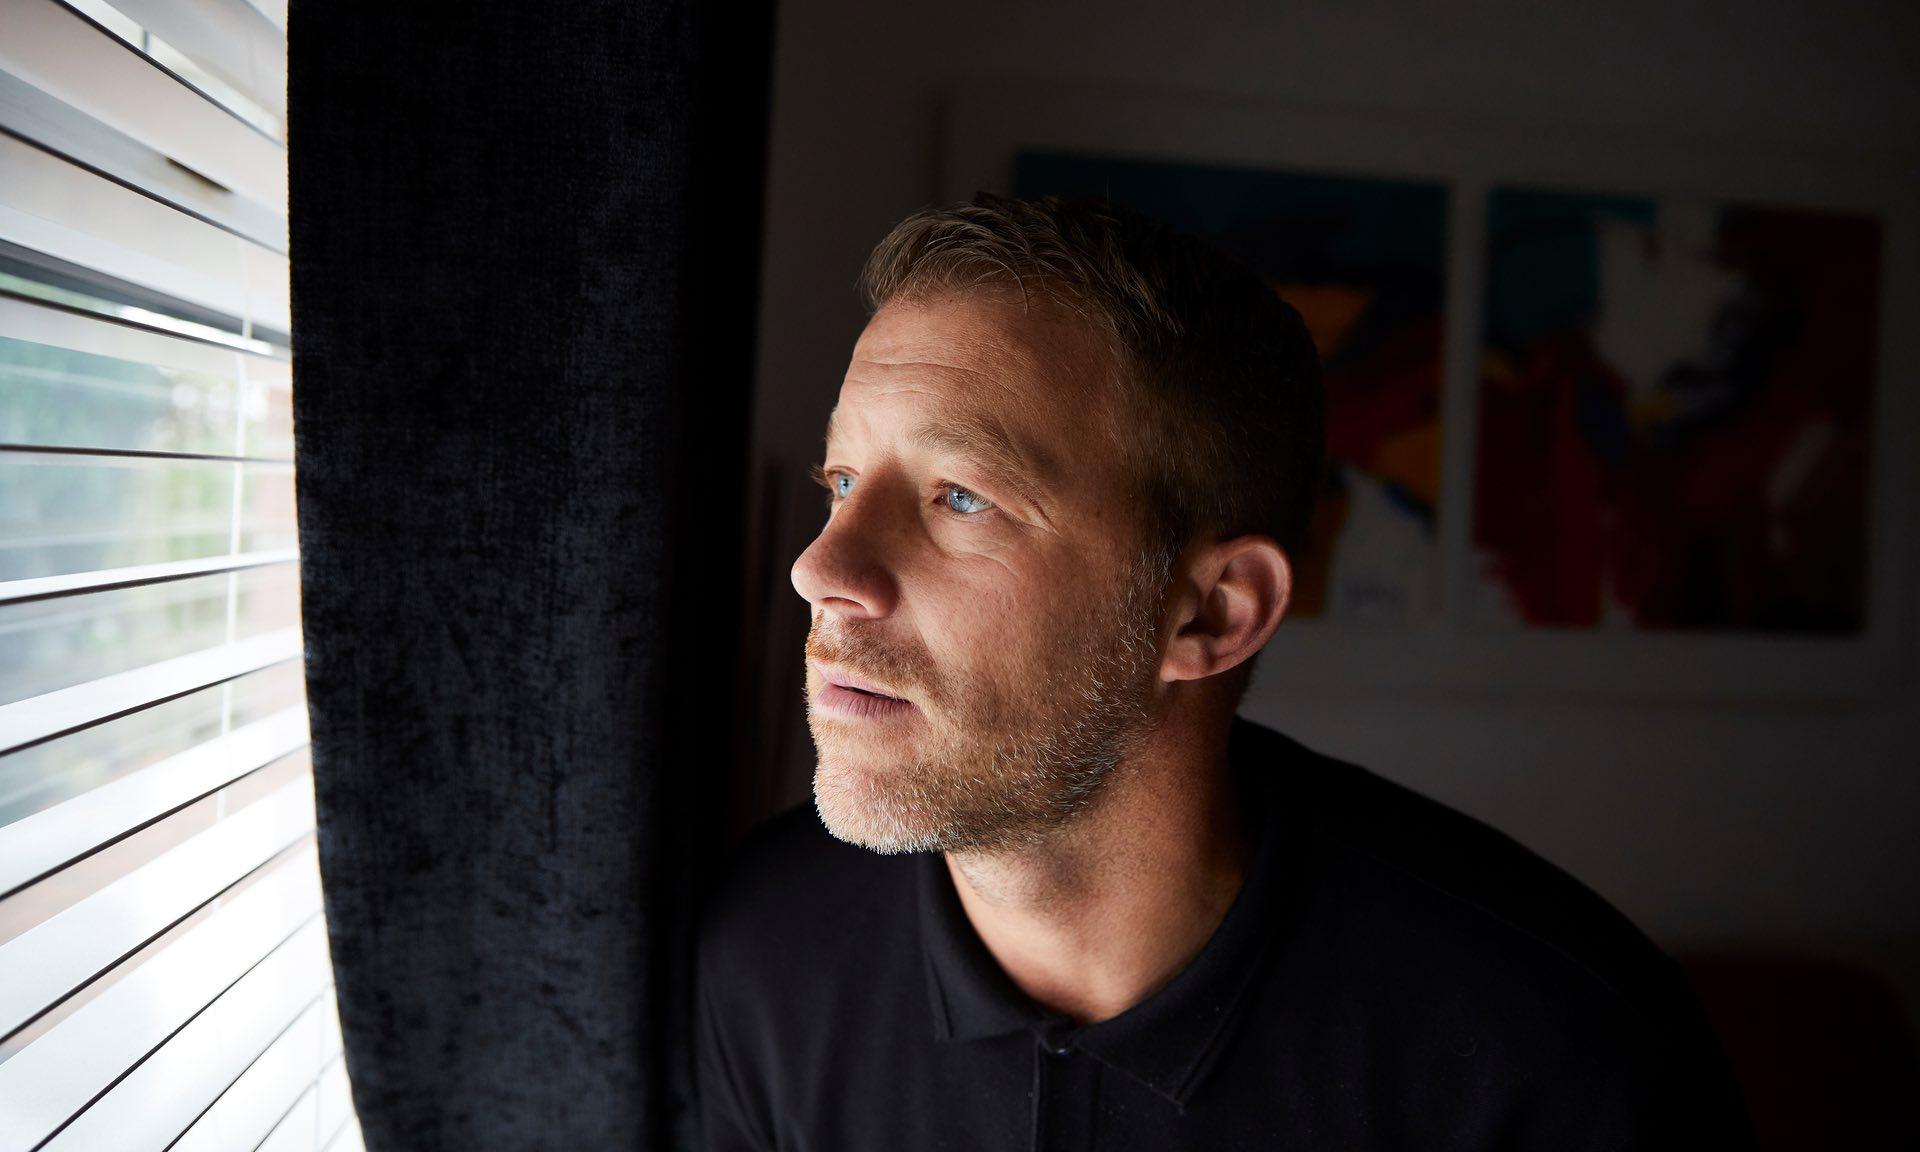 Стив Уолтерс нашел в себе силы признаться в том, что подвергался сексуальному насилию со стороны своего тренера.  Фото: The Guardian